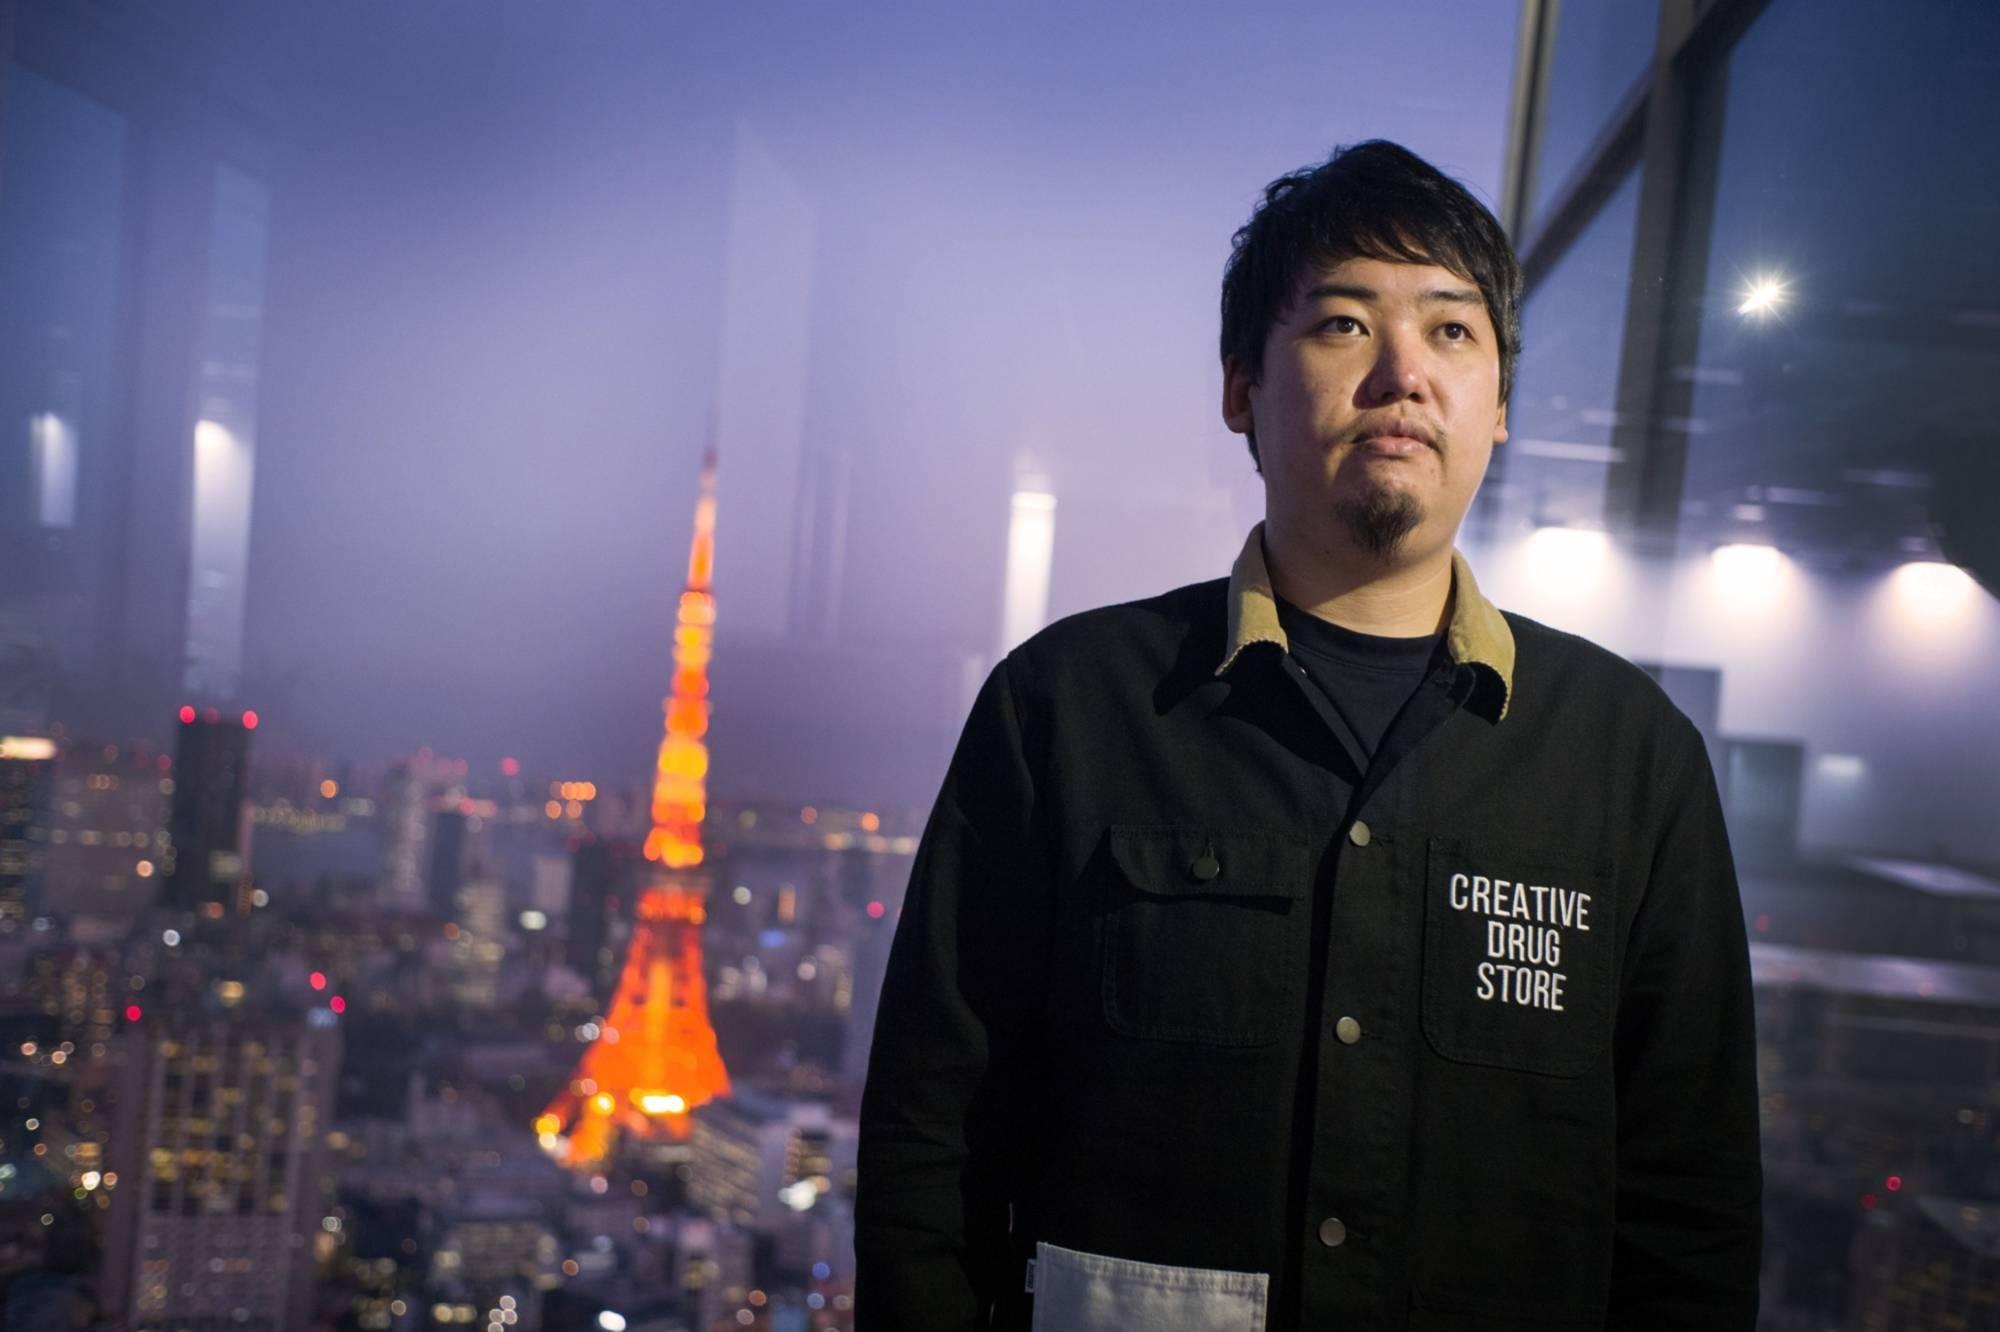 Câu nói của mẹ khiến chàng trai Nhật Bản thành tỷ phú